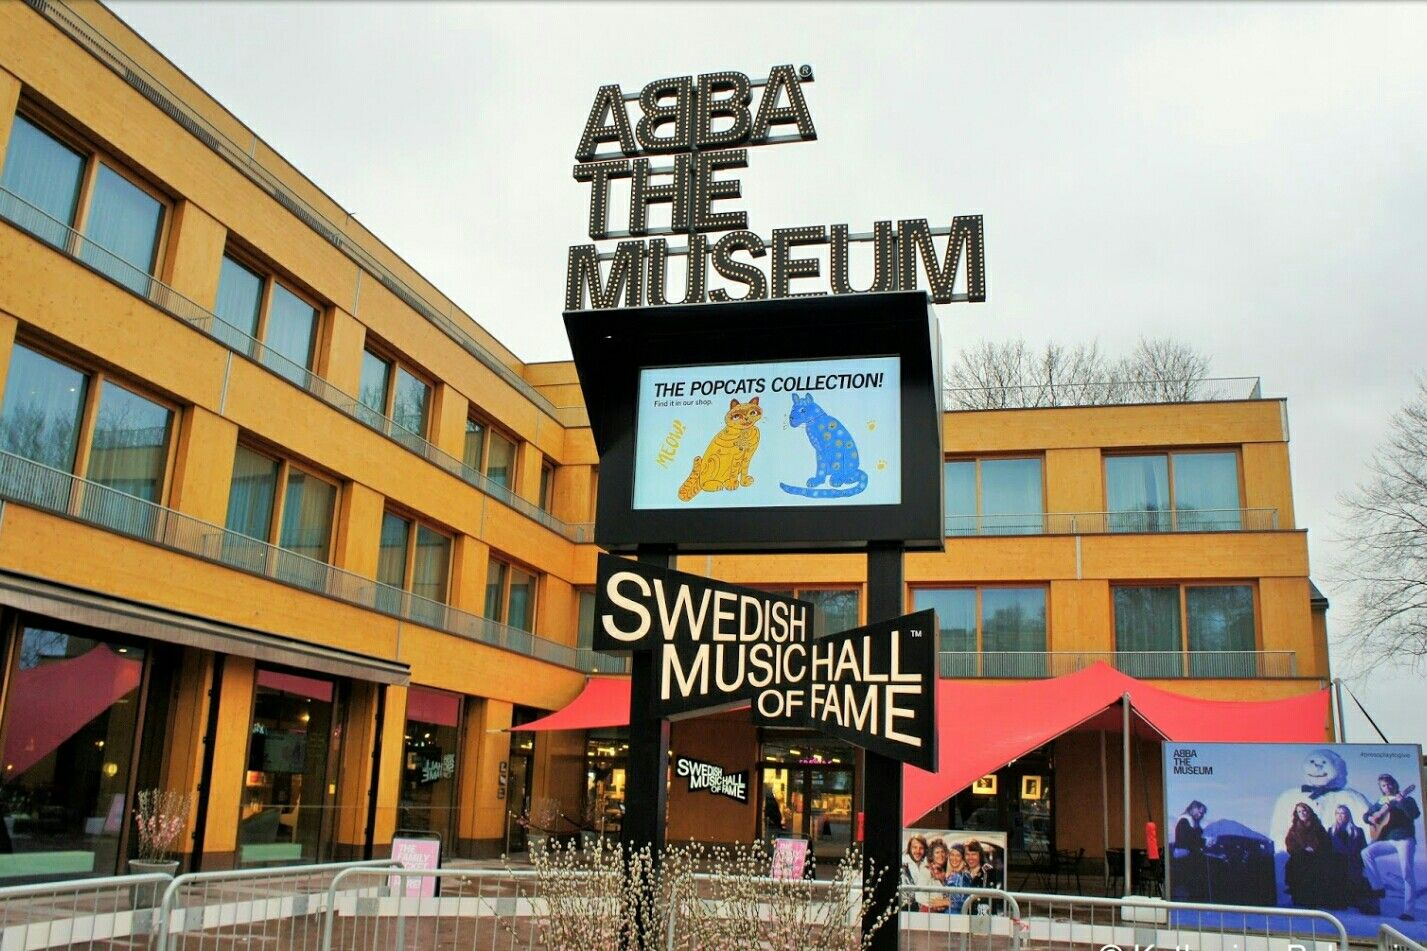 Är du en av dem som inte kan få nog av den legendariska musikgruppen ABBA? Då ska du bege till Stockholm och bandets eget museum. Här kan du se kläder, guldskivor och prylar och även prova på att vara den femte medlemmen.